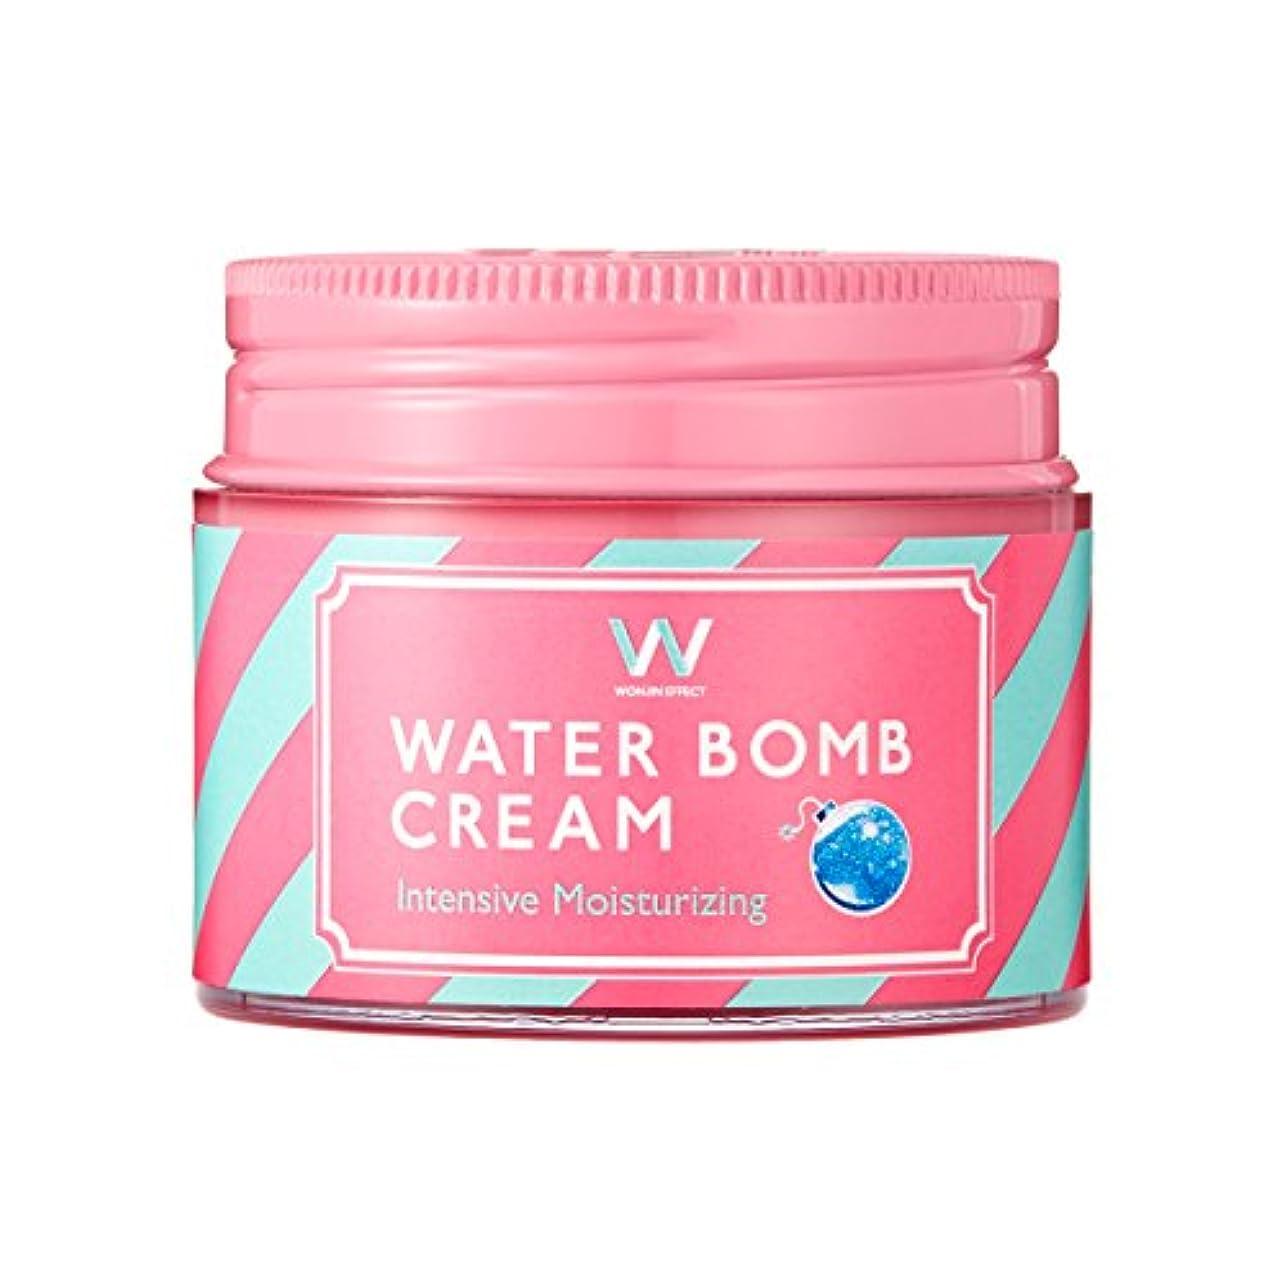 手入れ学校織機ウォンジンエフェクター「WONJIN EFFECT」ウォーターバームクリーム50ml(Water bomb cream)♥ピンクハル♥(PINKHARU)♥韓国コスメ♥ [並行輸入品]